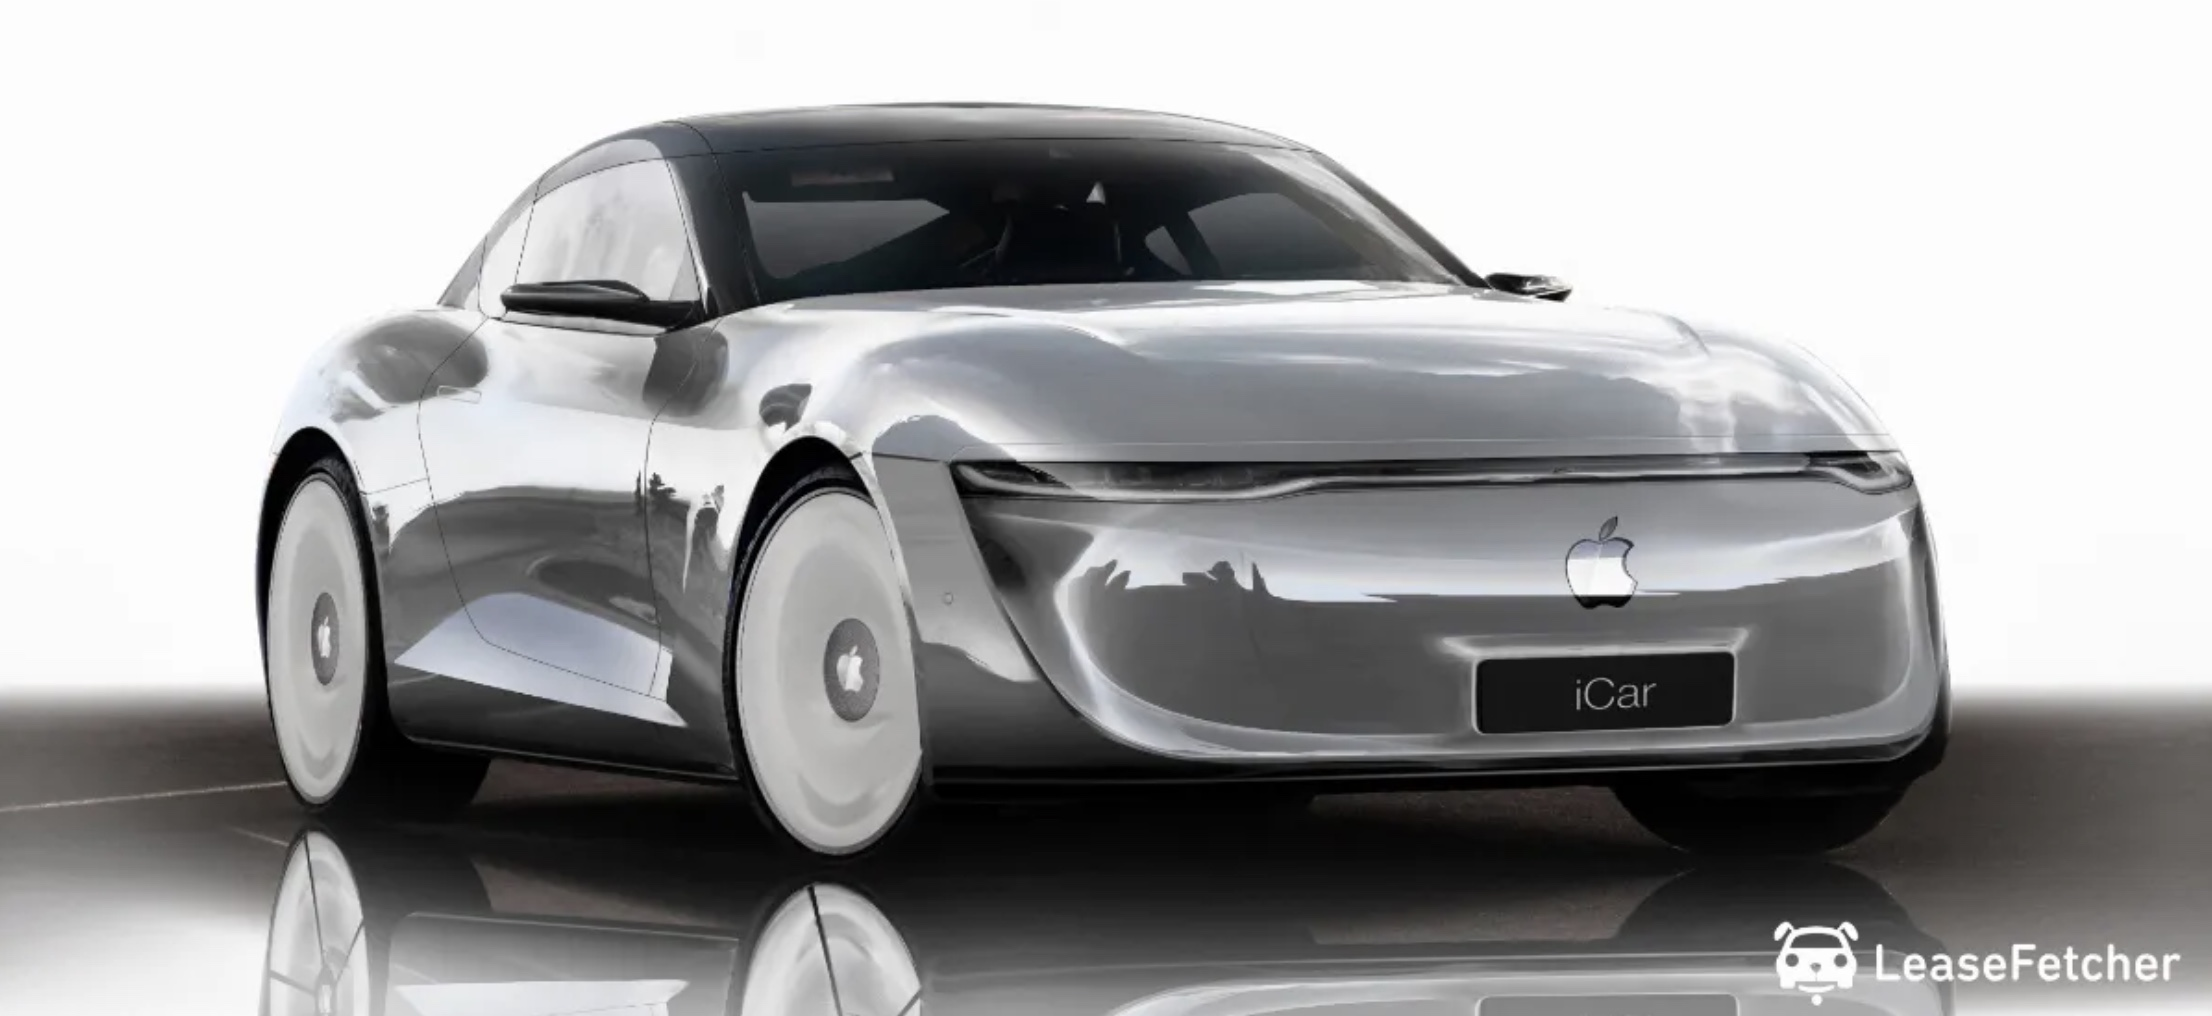 Apple Car fot. Lease Fetcher